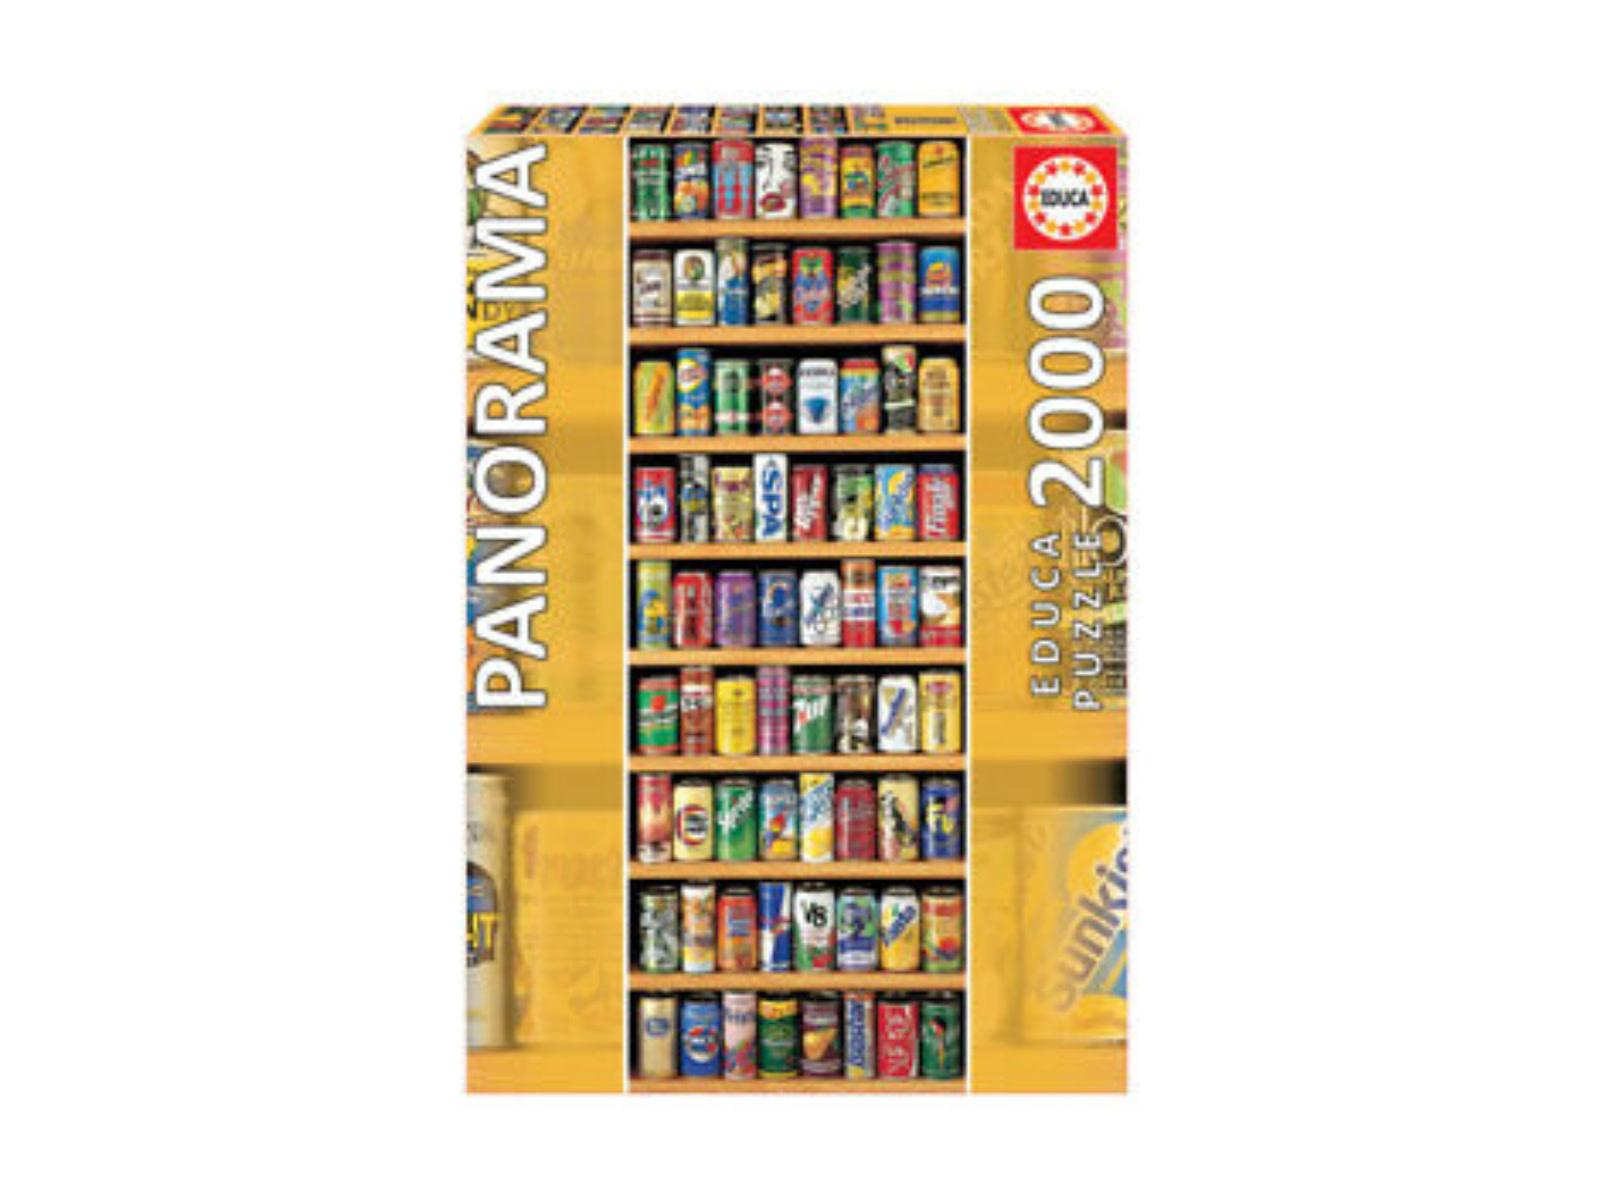 Educa Puzzle 2000: Canettes de soda (Panorama)